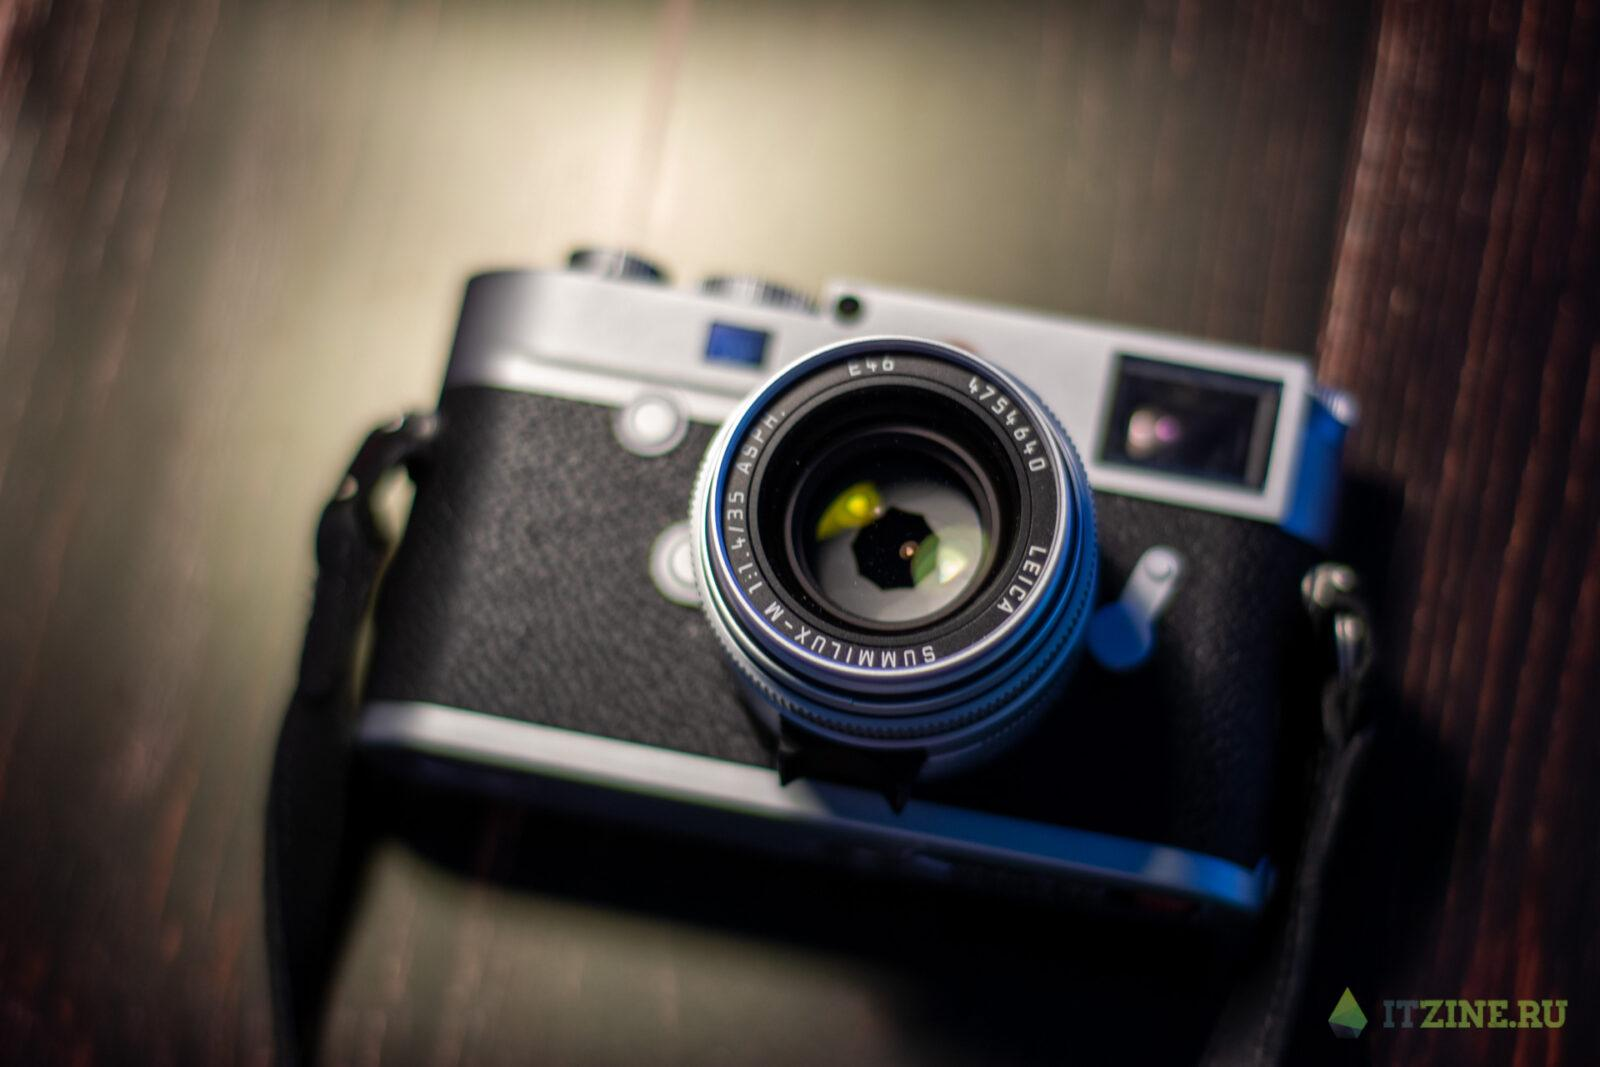 Обзор камеры Leica M10: круче просто некуда (DSC 9356 1)